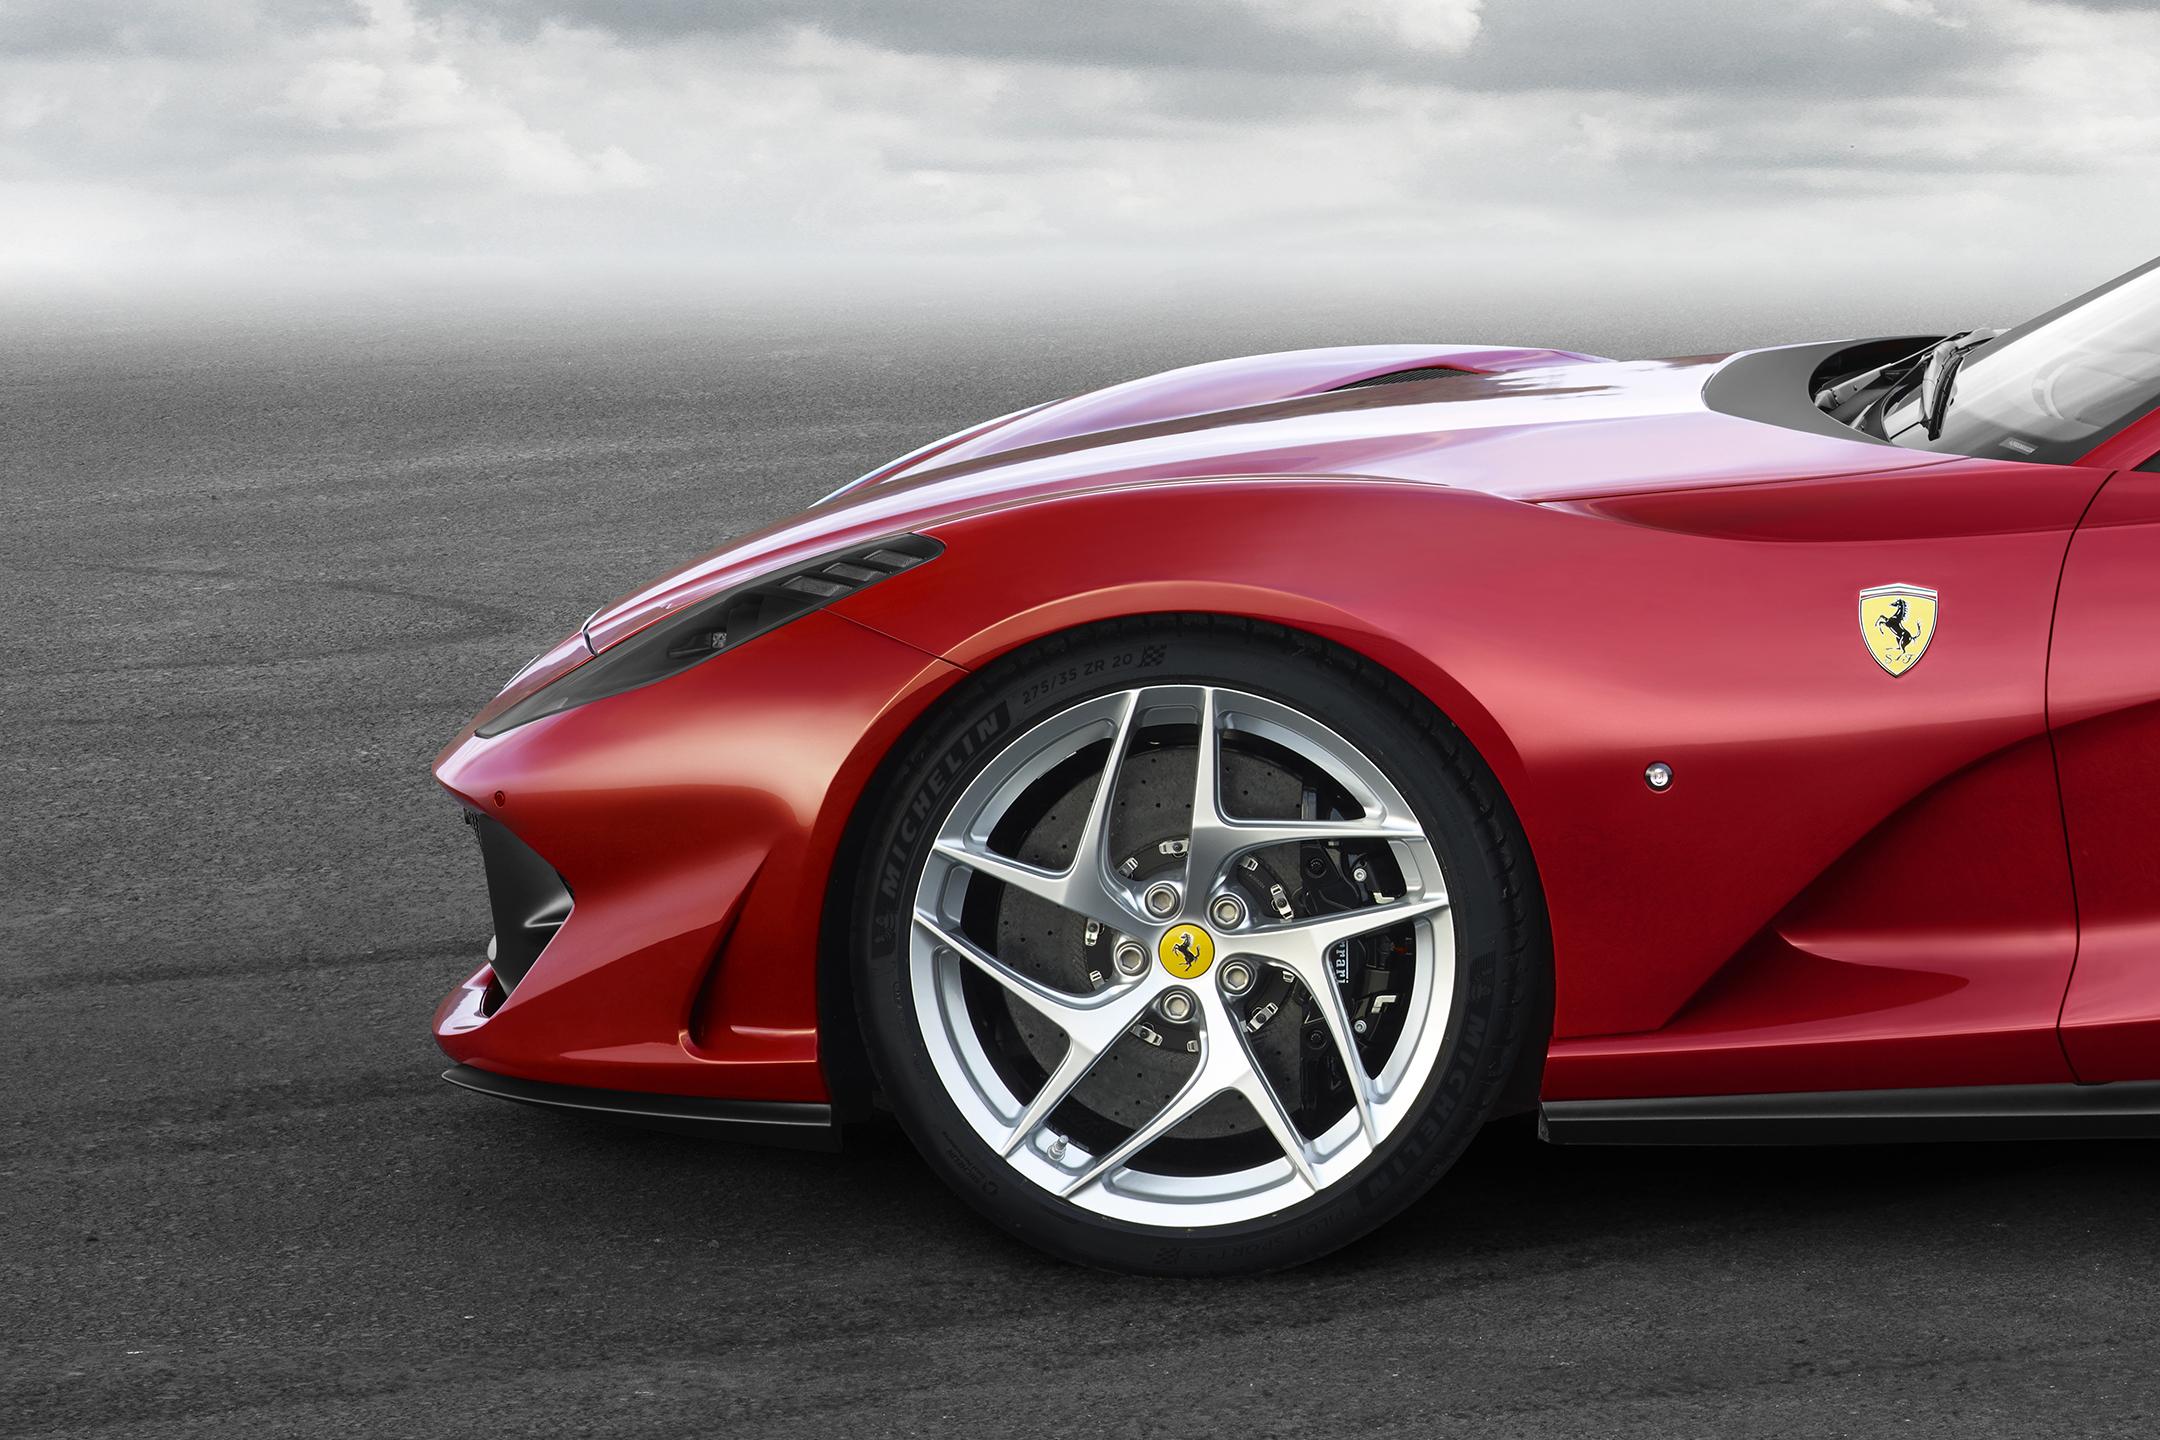 Ferrari 812 Superfast - 2017 - jante avant / front wheel